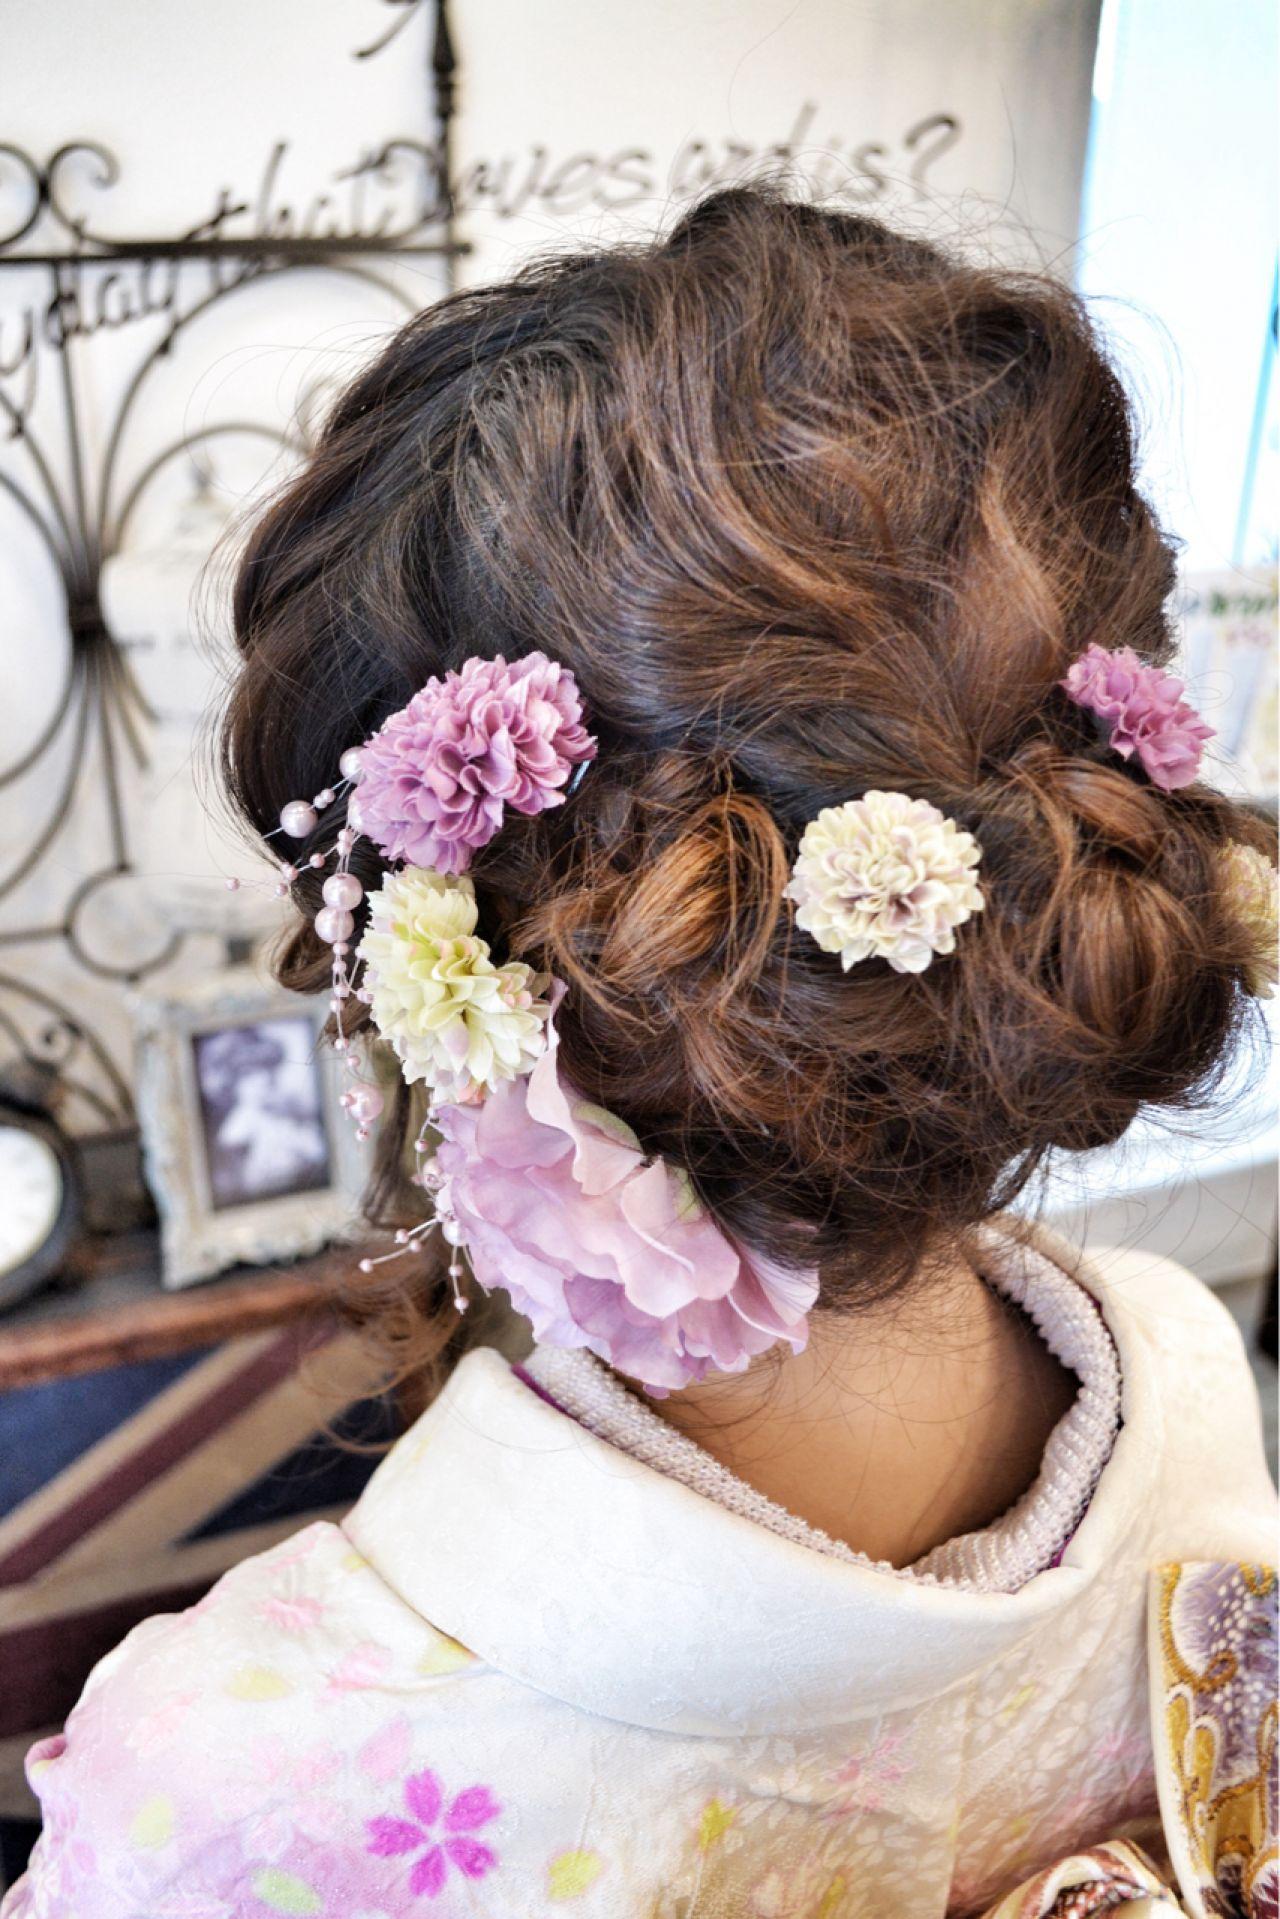 ナチュラル アップスタイル 着物 ヘアアレンジ ヘアスタイルや髪型の写真・画像   Tanaka Hikaru/jilljanne / jilljanne 《ジル・ジェニー》